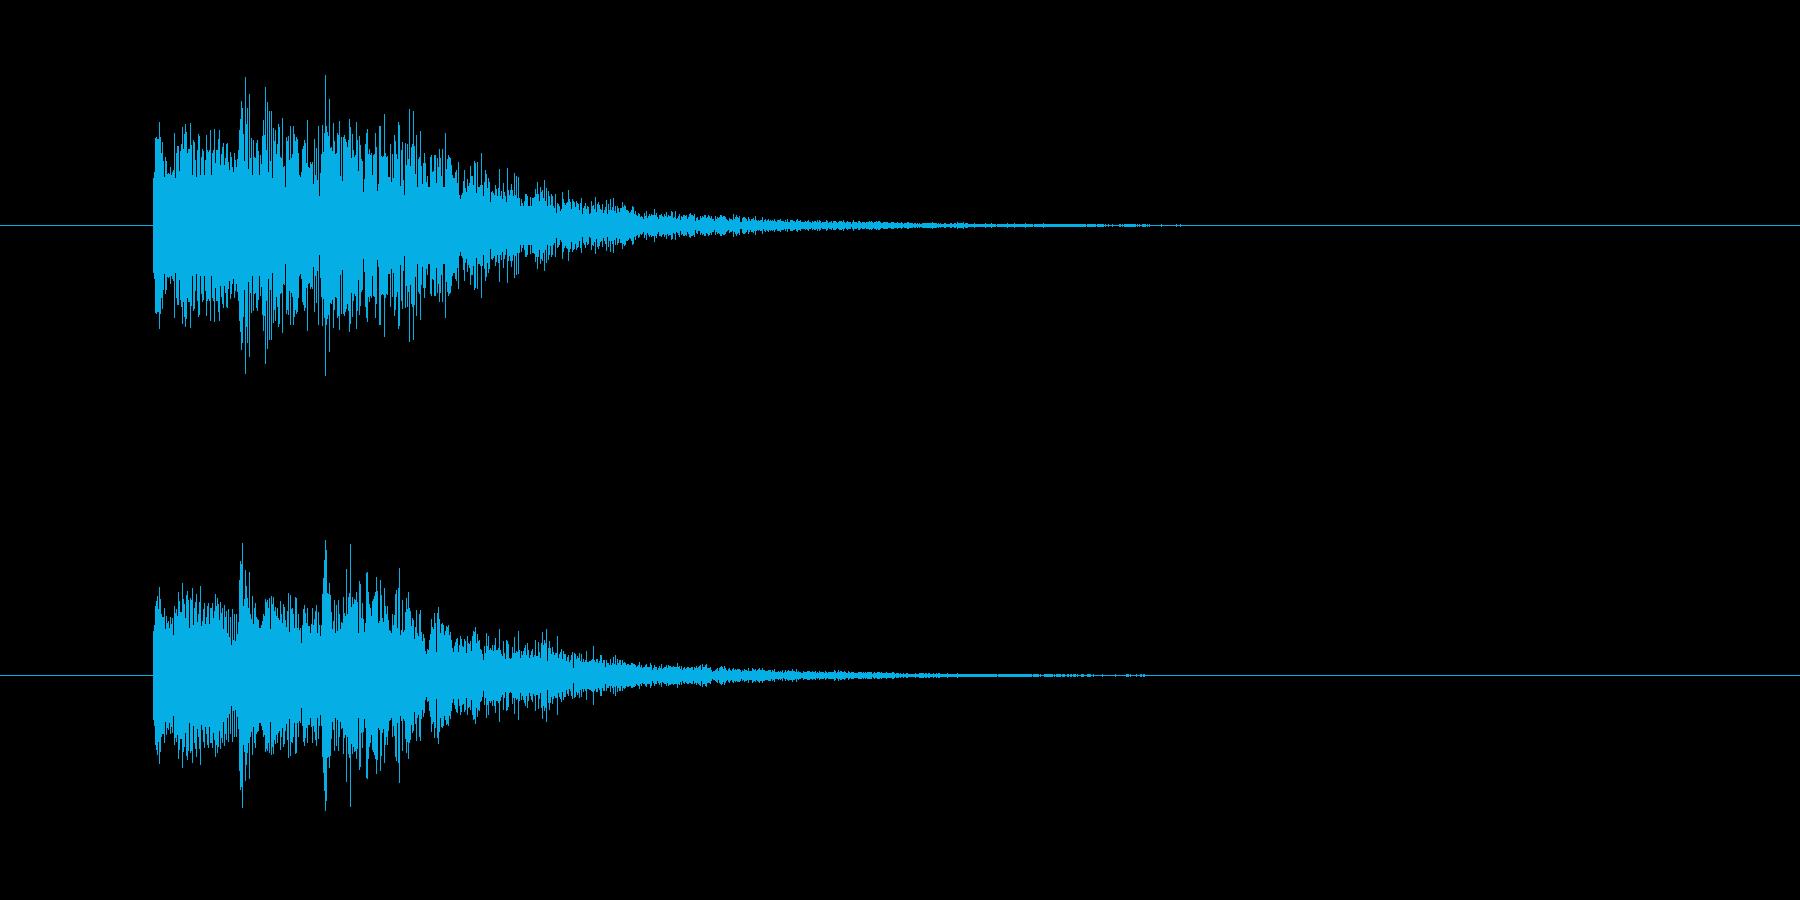 ジャララン。シンセジングル。の再生済みの波形